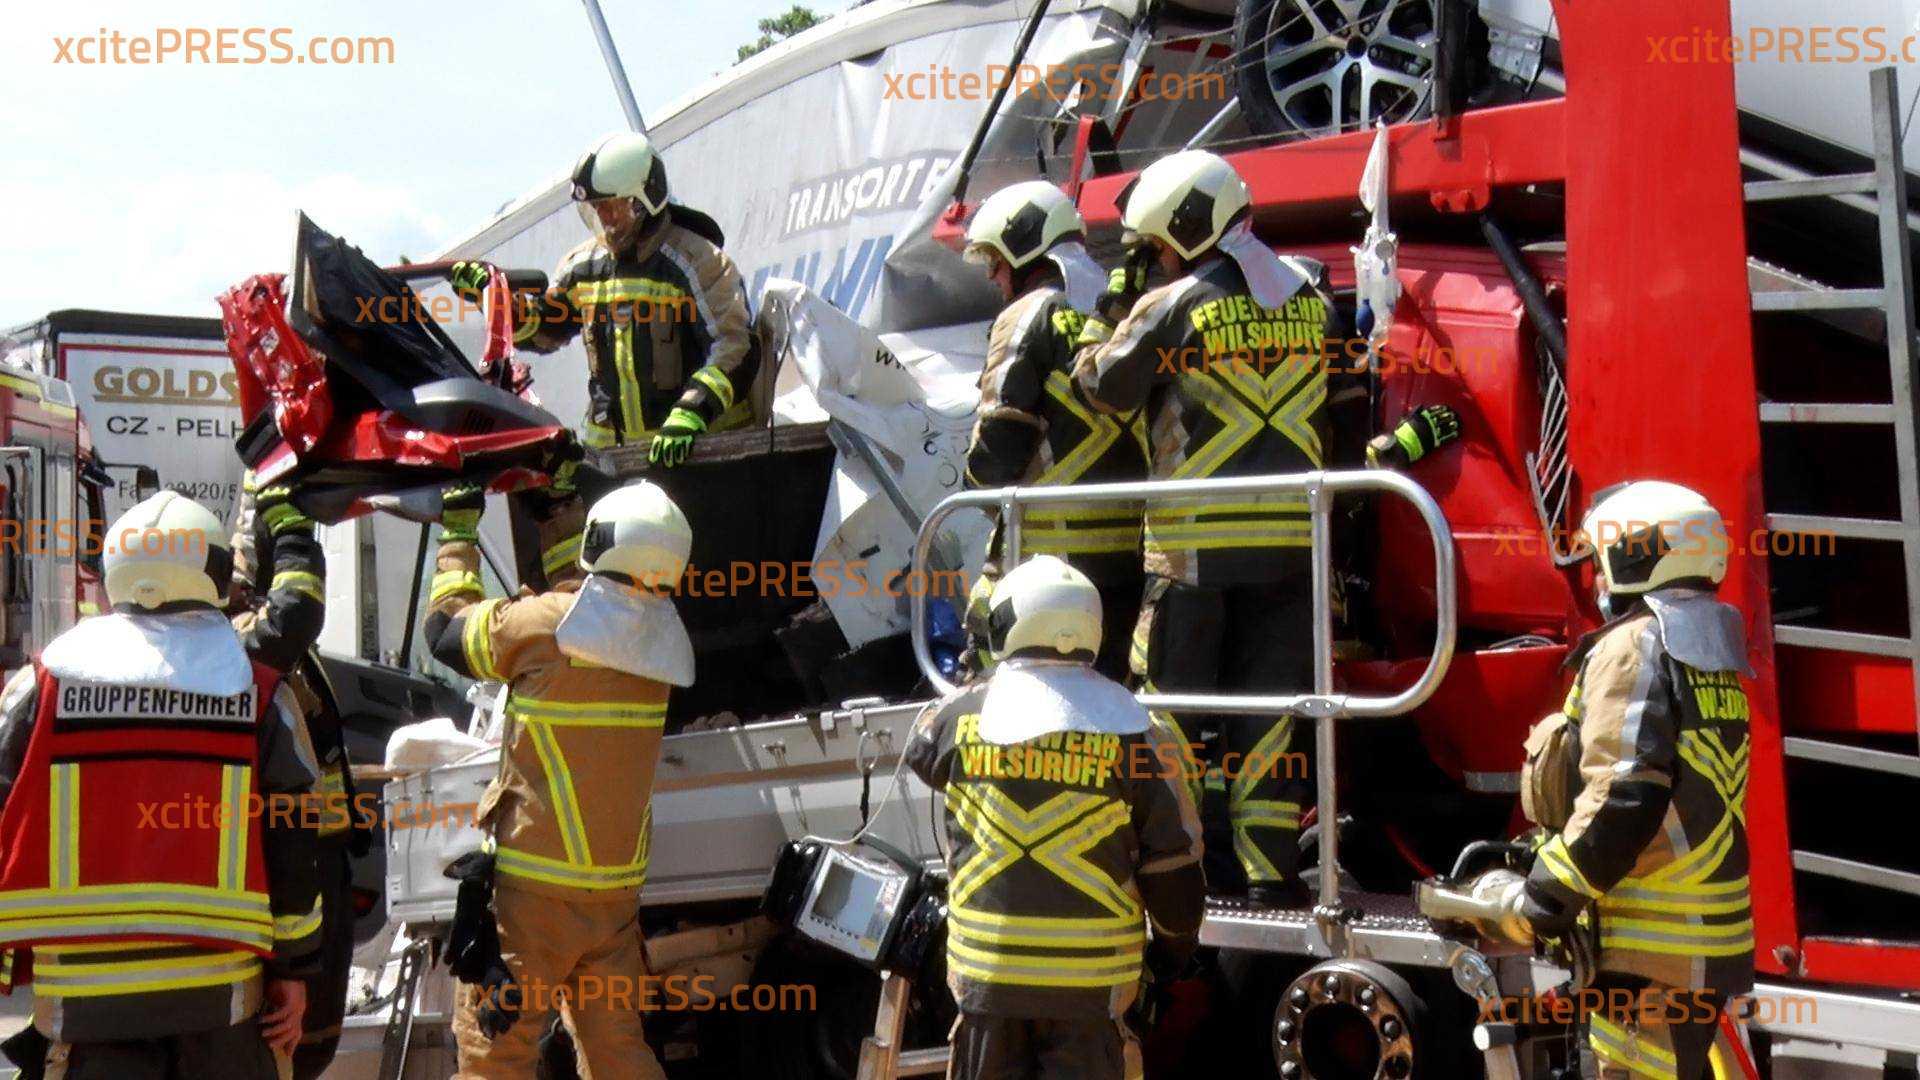 Schwerer Crash auf Autobahn - Pritschenwagen wird zwischen zwei Brummis zerquetscht: Zwei Rettungshubschrauber im Einsatz, mindestens zwei Personen verletzt